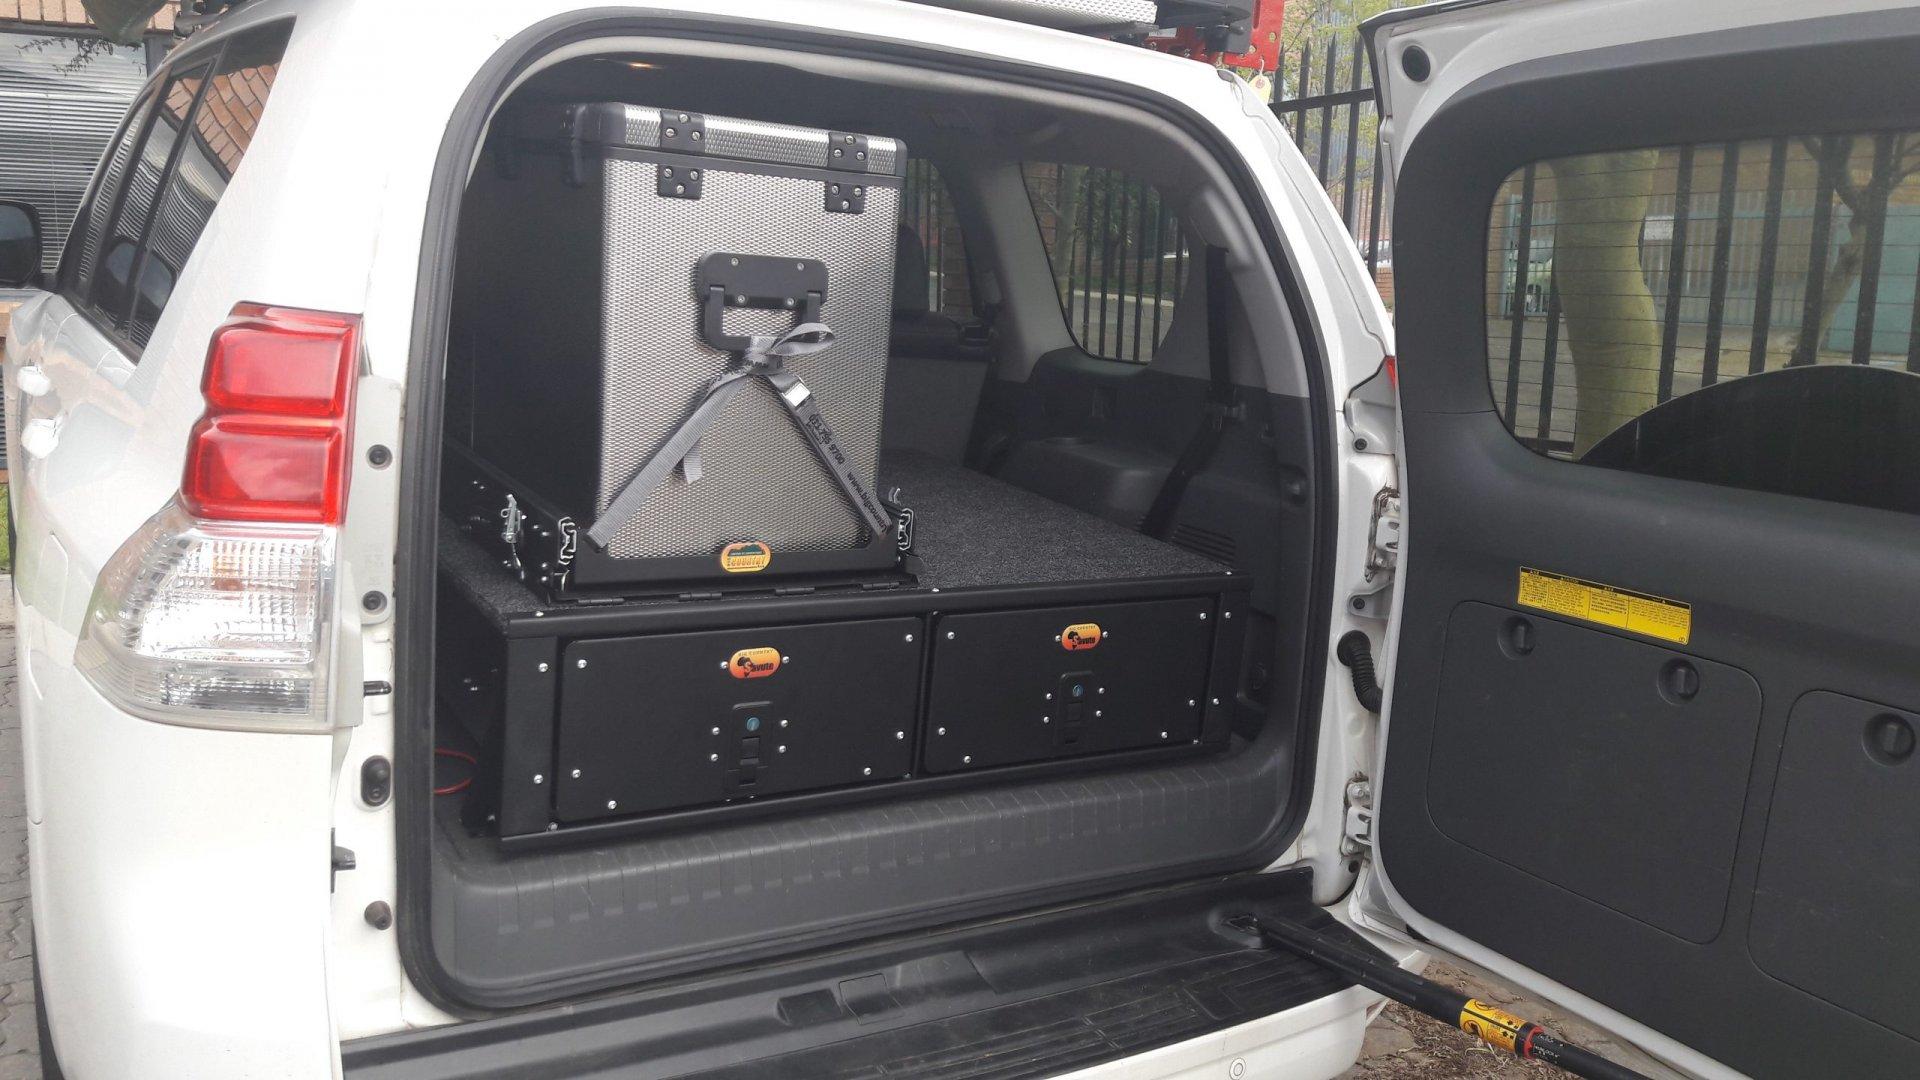 D159-Prado150-Seat-mount-drawer-1-scaled.jpg